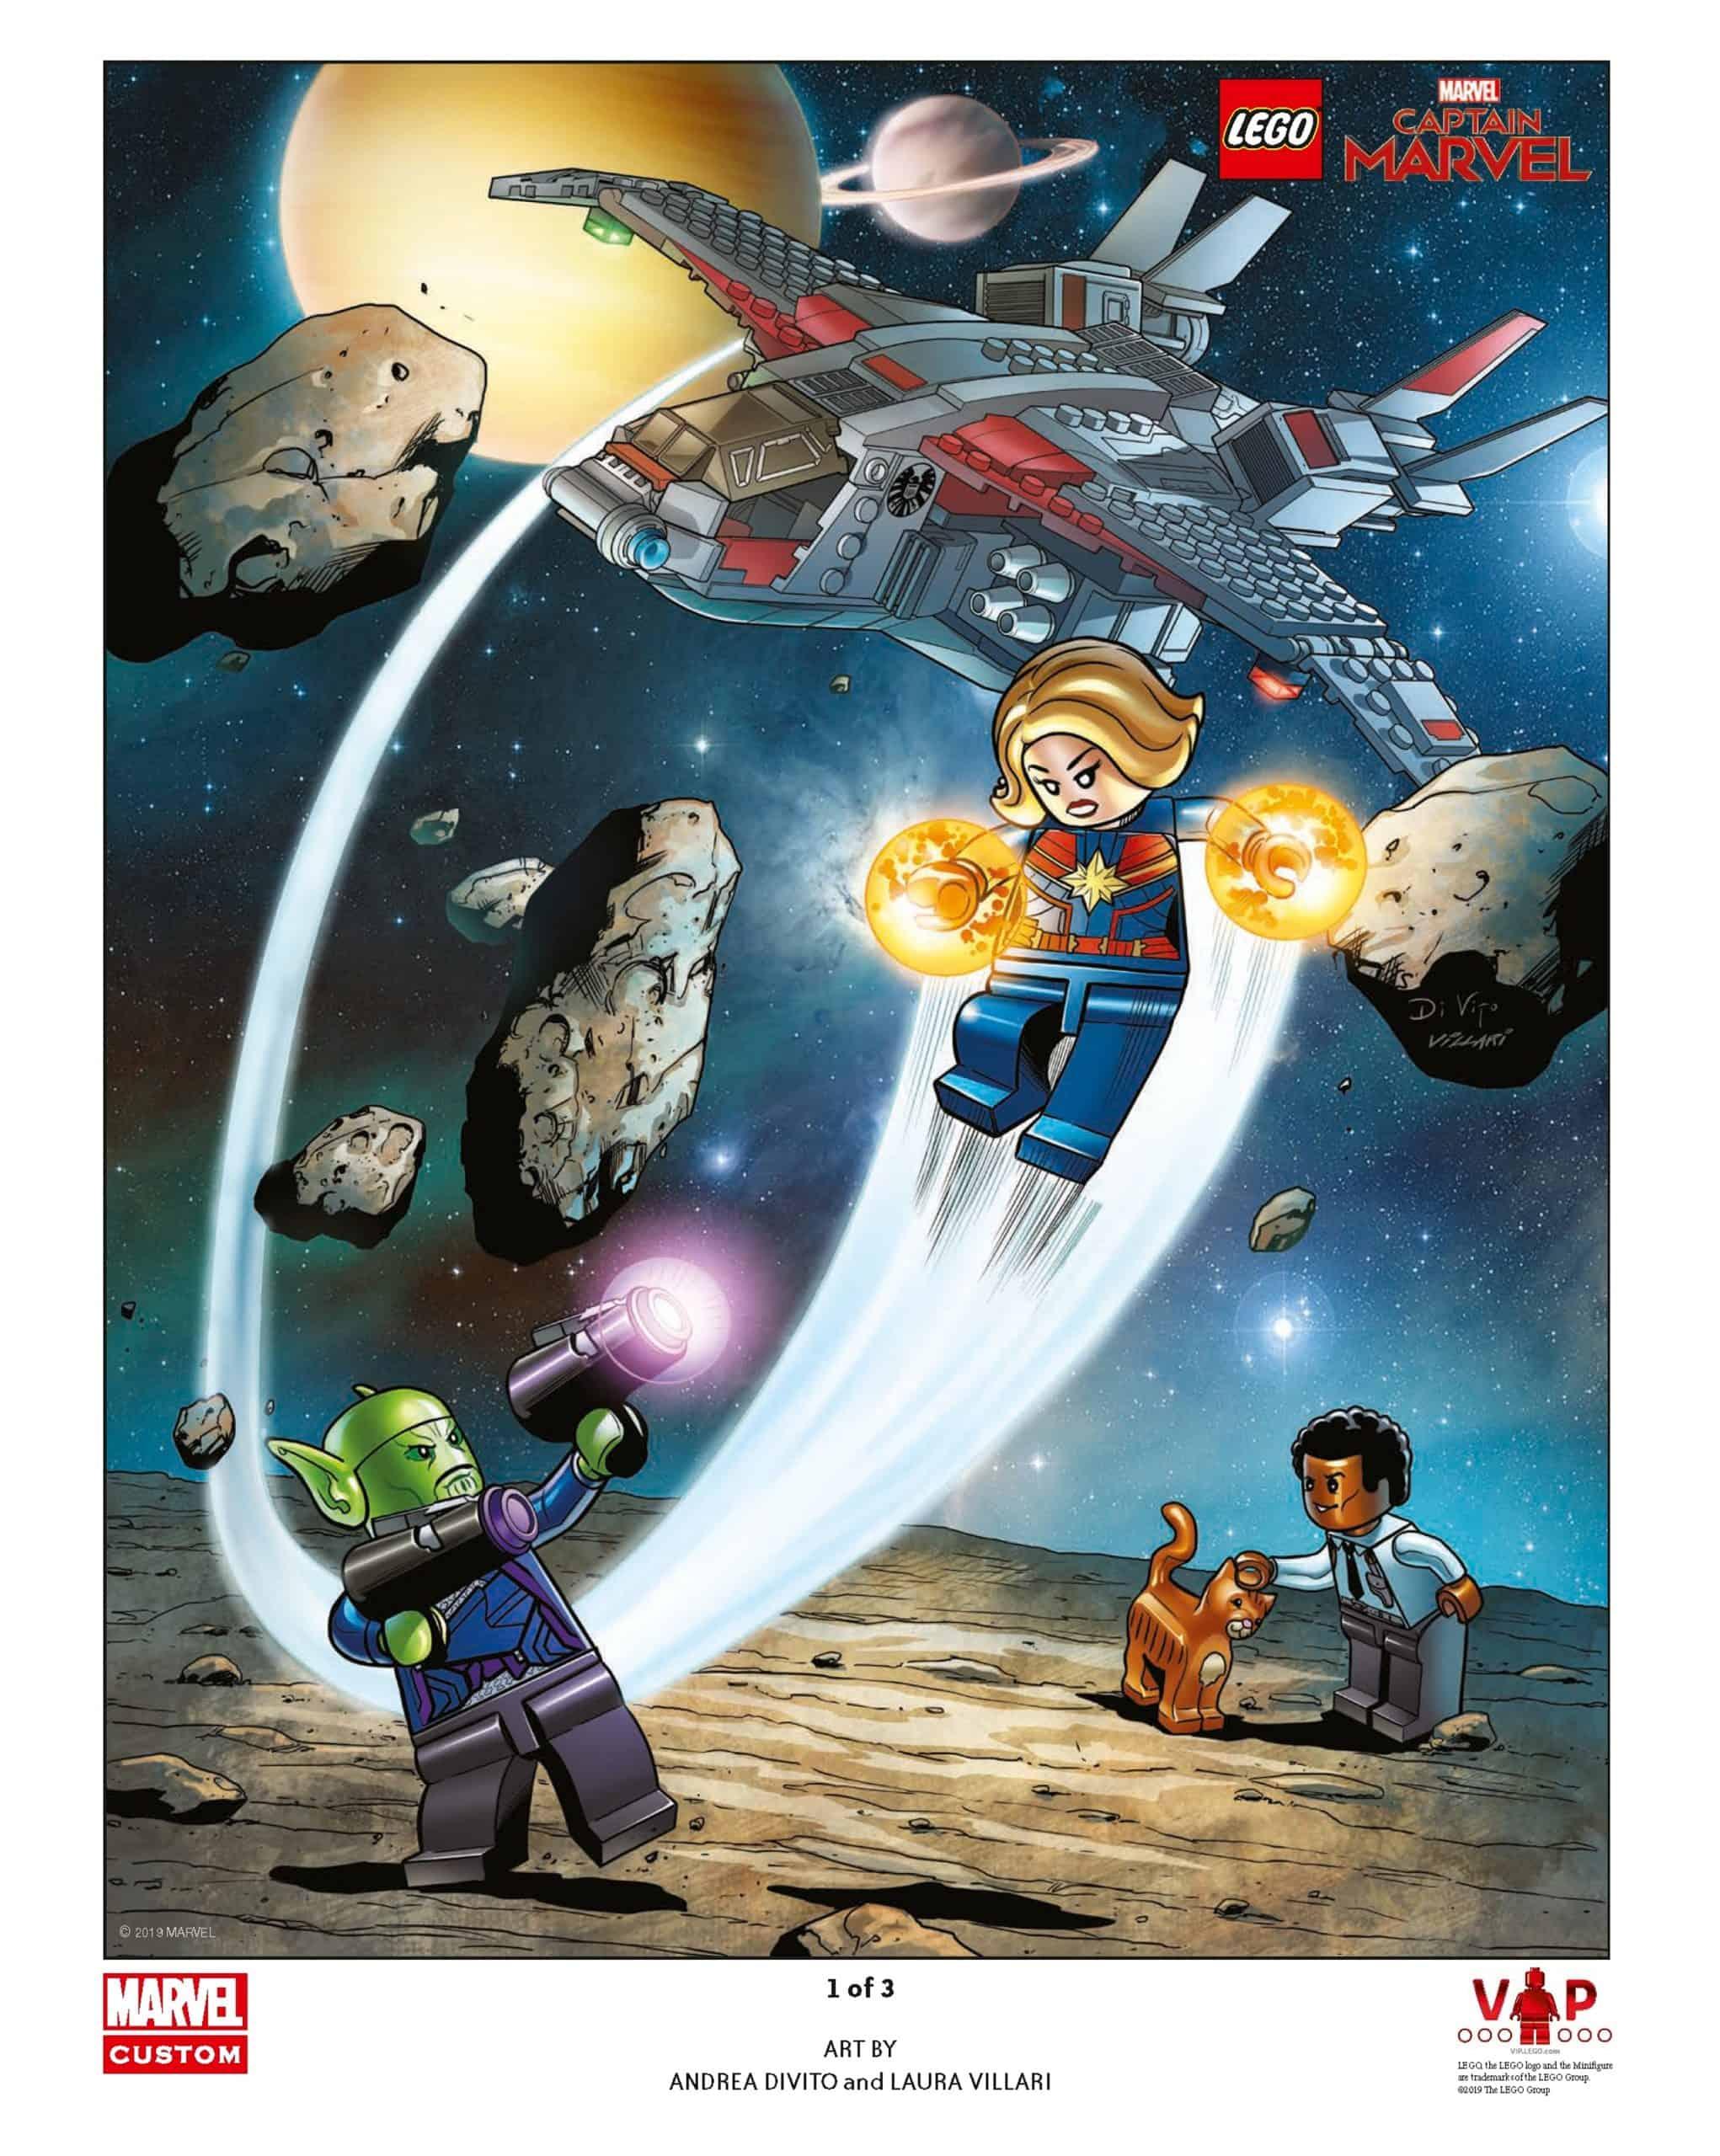 lego 5005877 captain marvel plakat 1 af 3 scaled